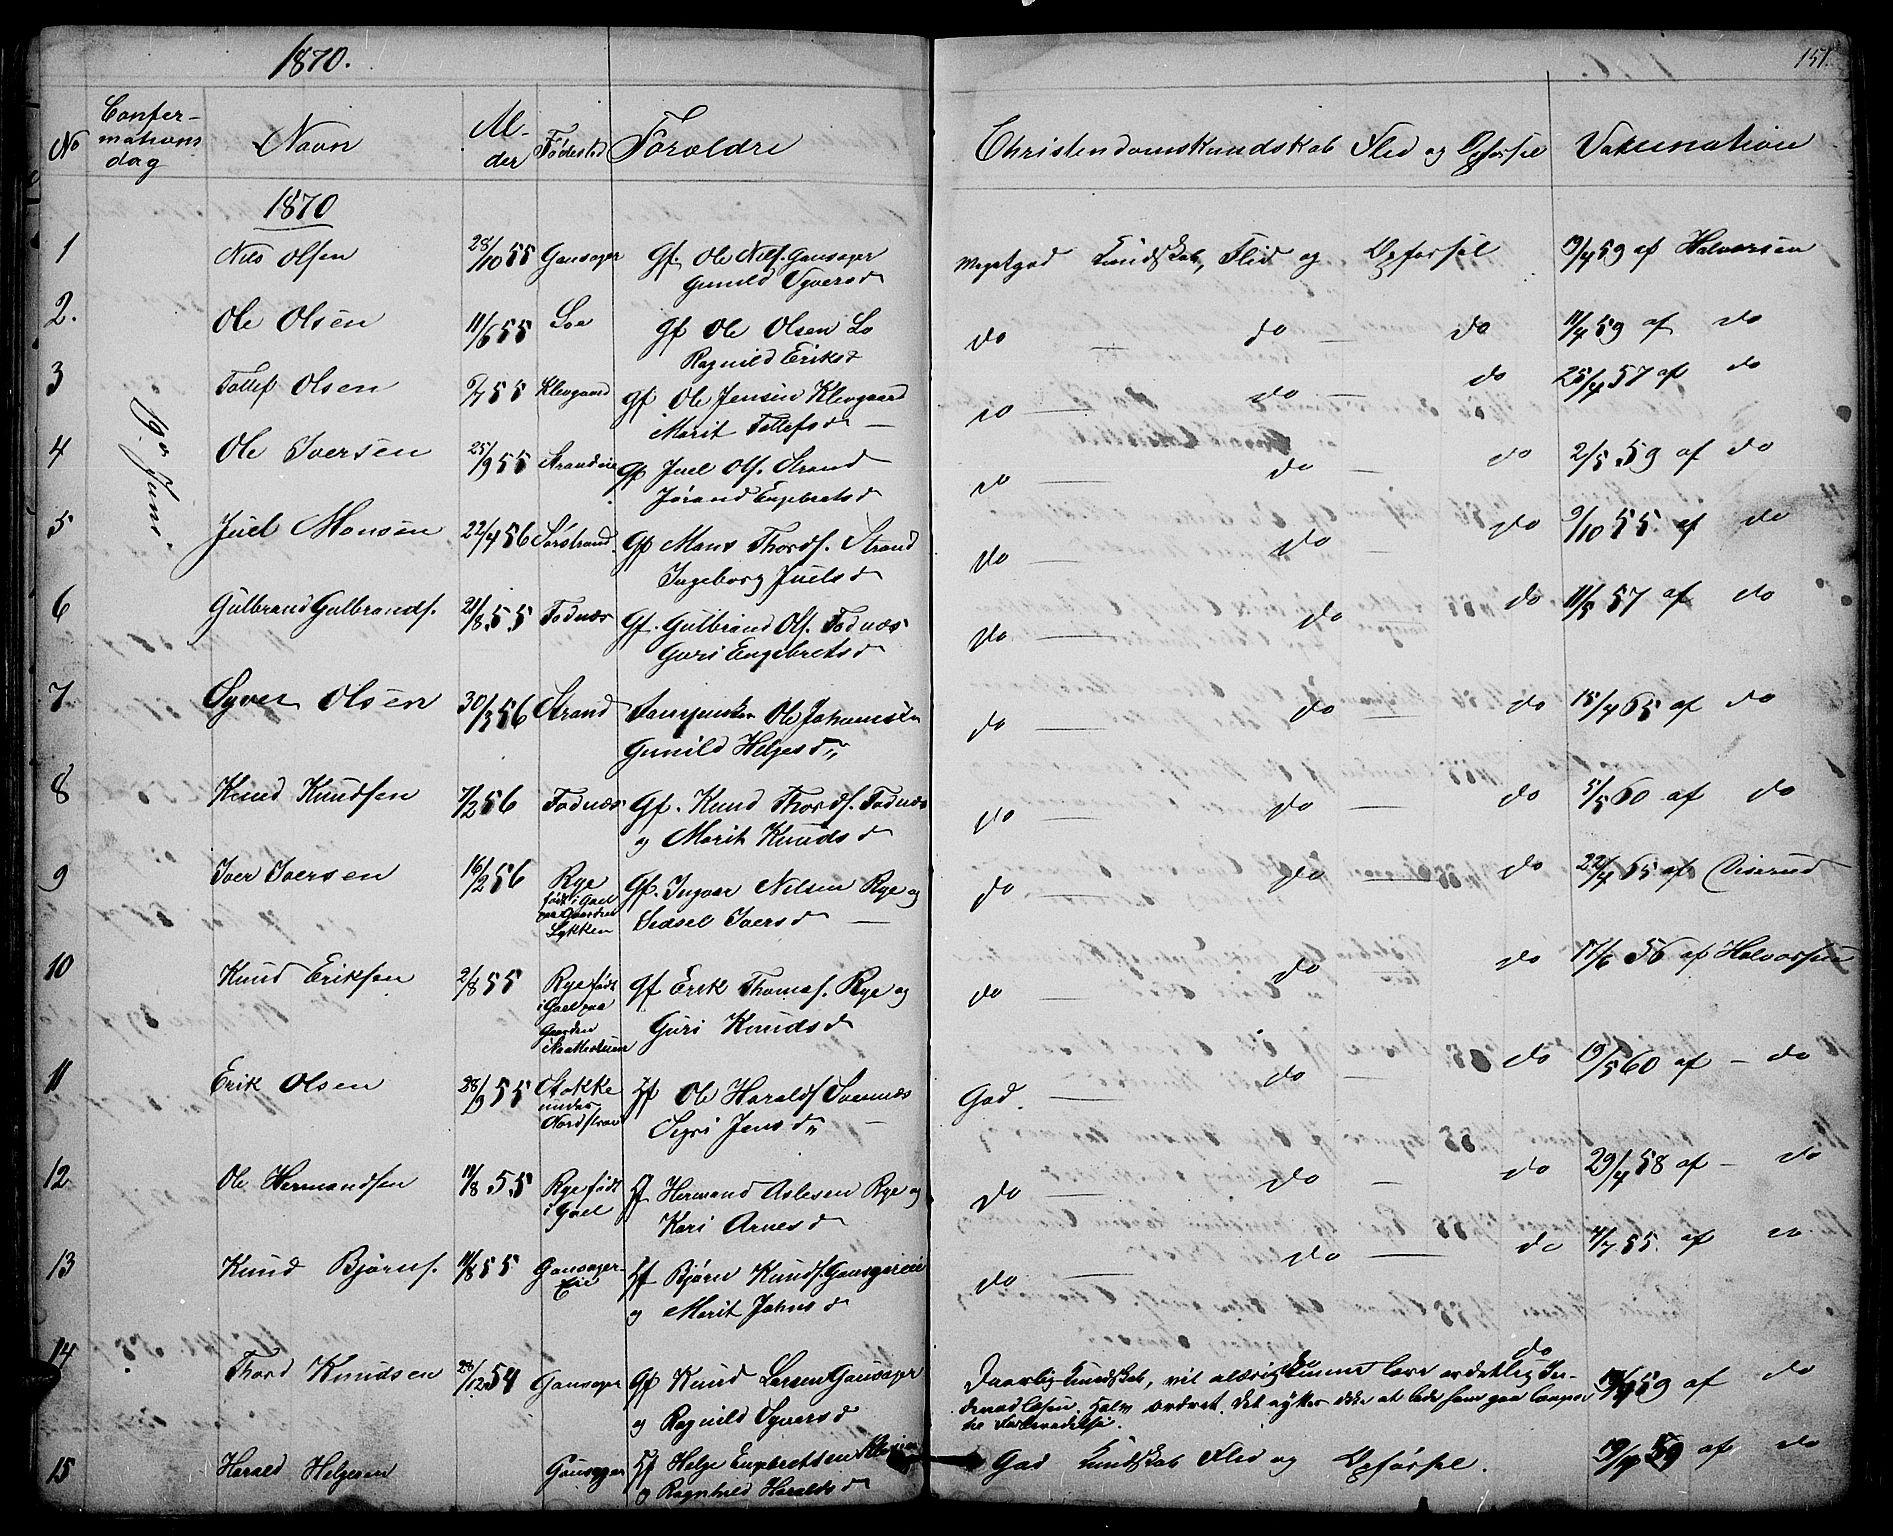 SAH, Nord-Aurdal prestekontor, Klokkerbok nr. 3, 1842-1882, s. 151